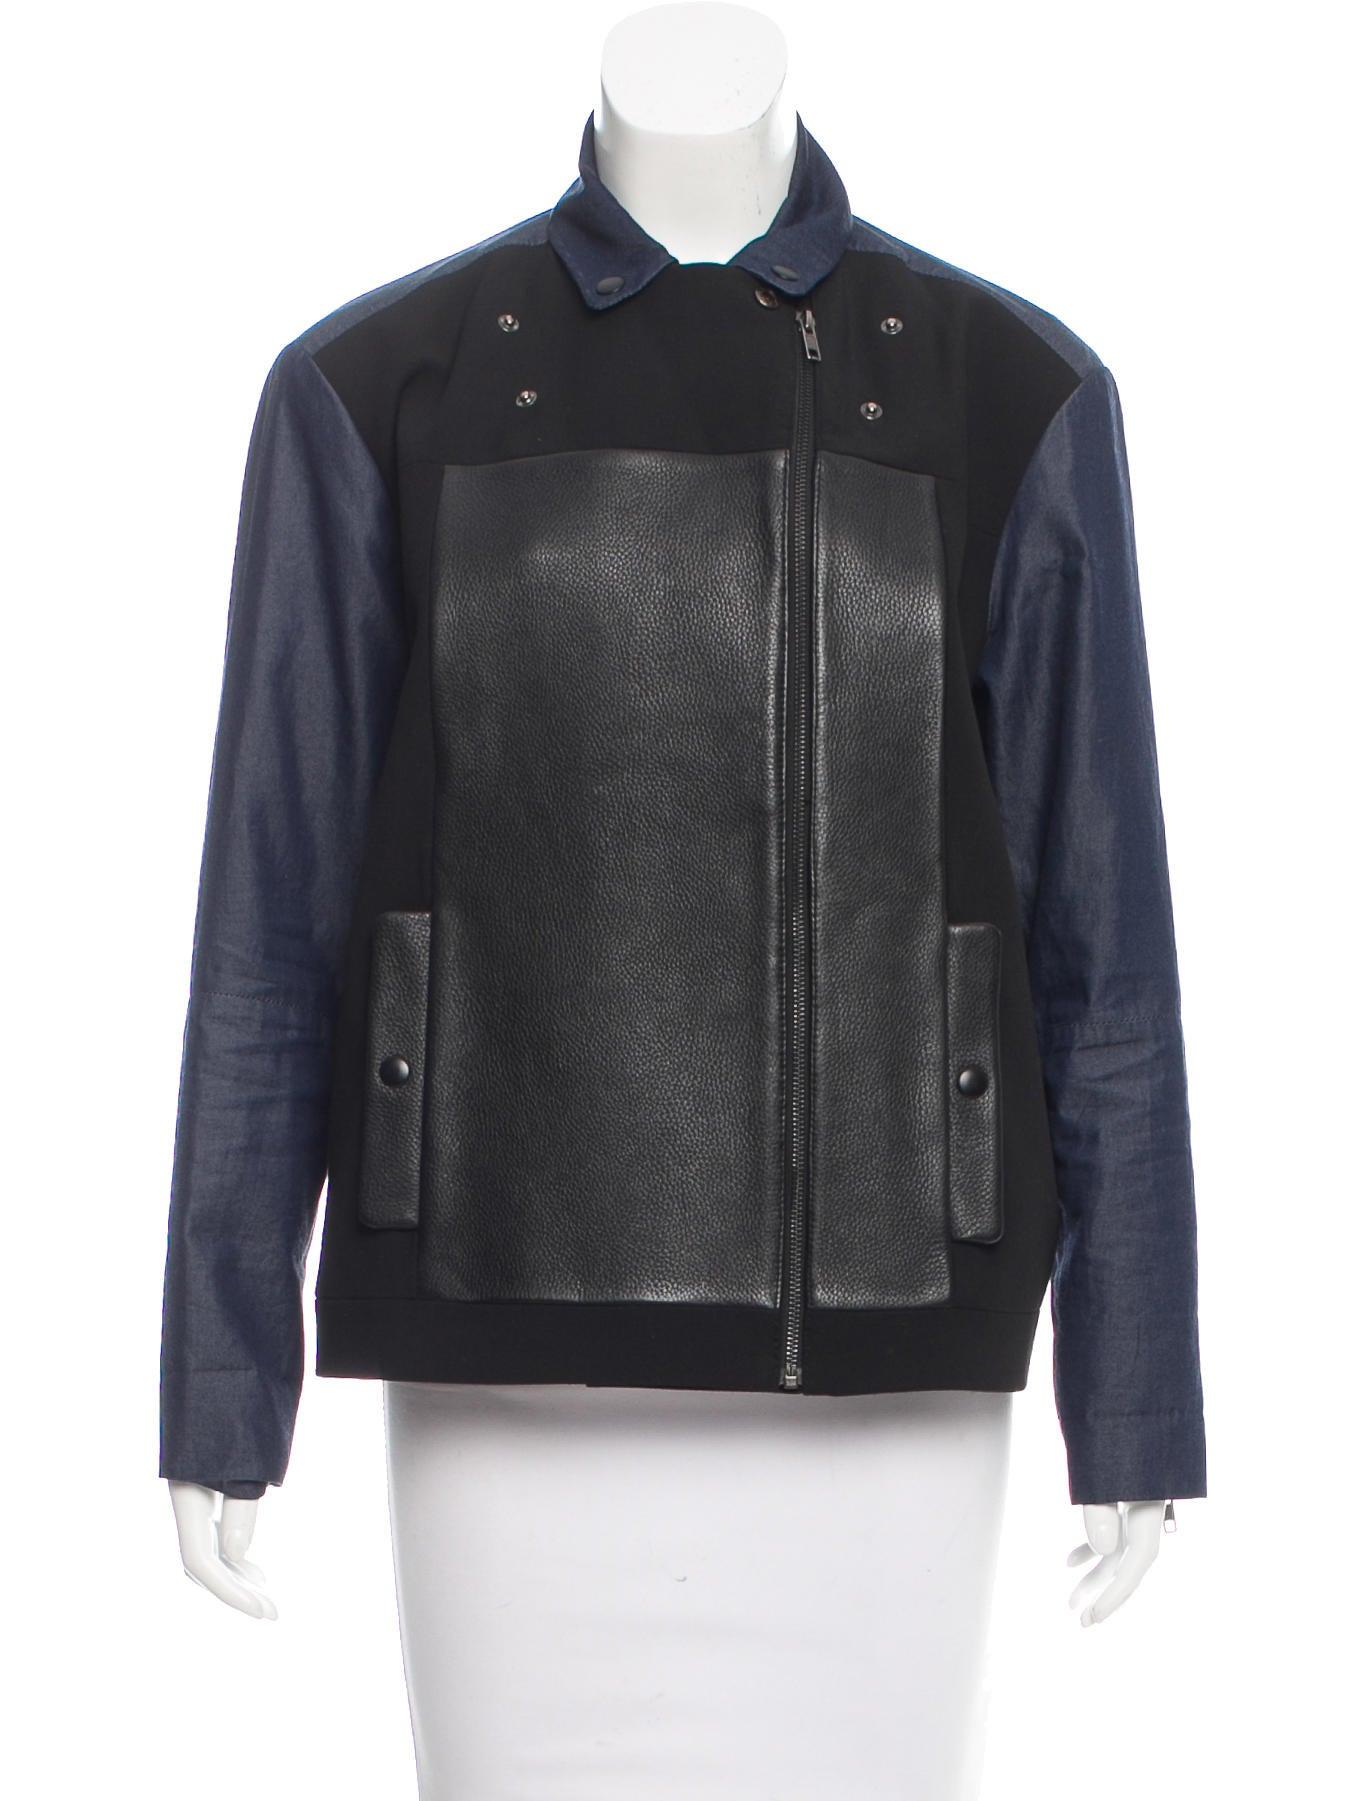 Tibi leather jacket